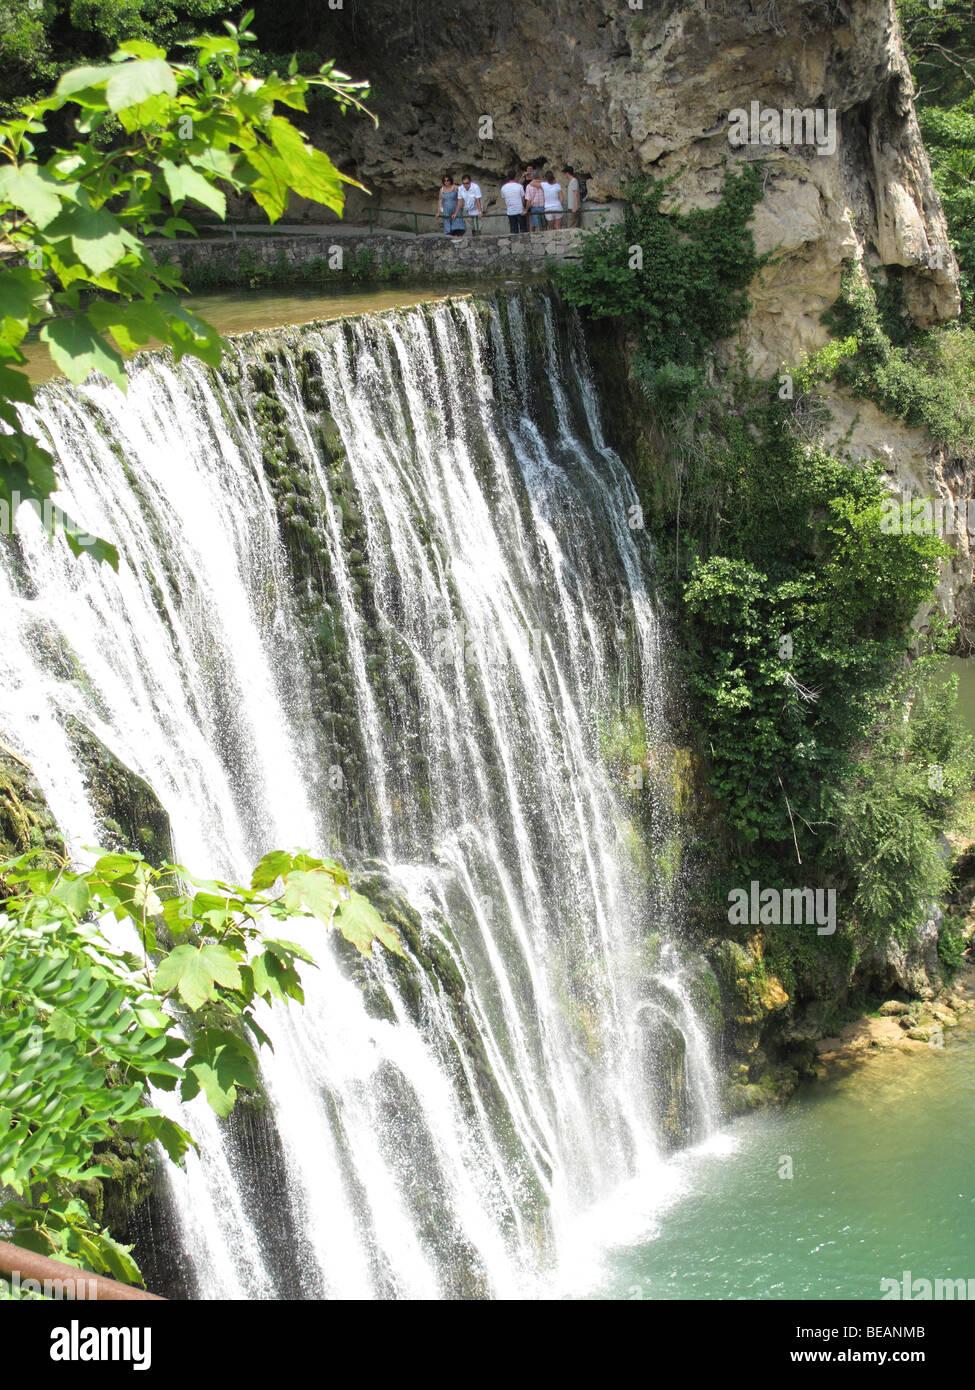 Tourist on sightseeing Pliva waterfalls in town of Jajce, Bosnia and Herzegovina Stock Photo